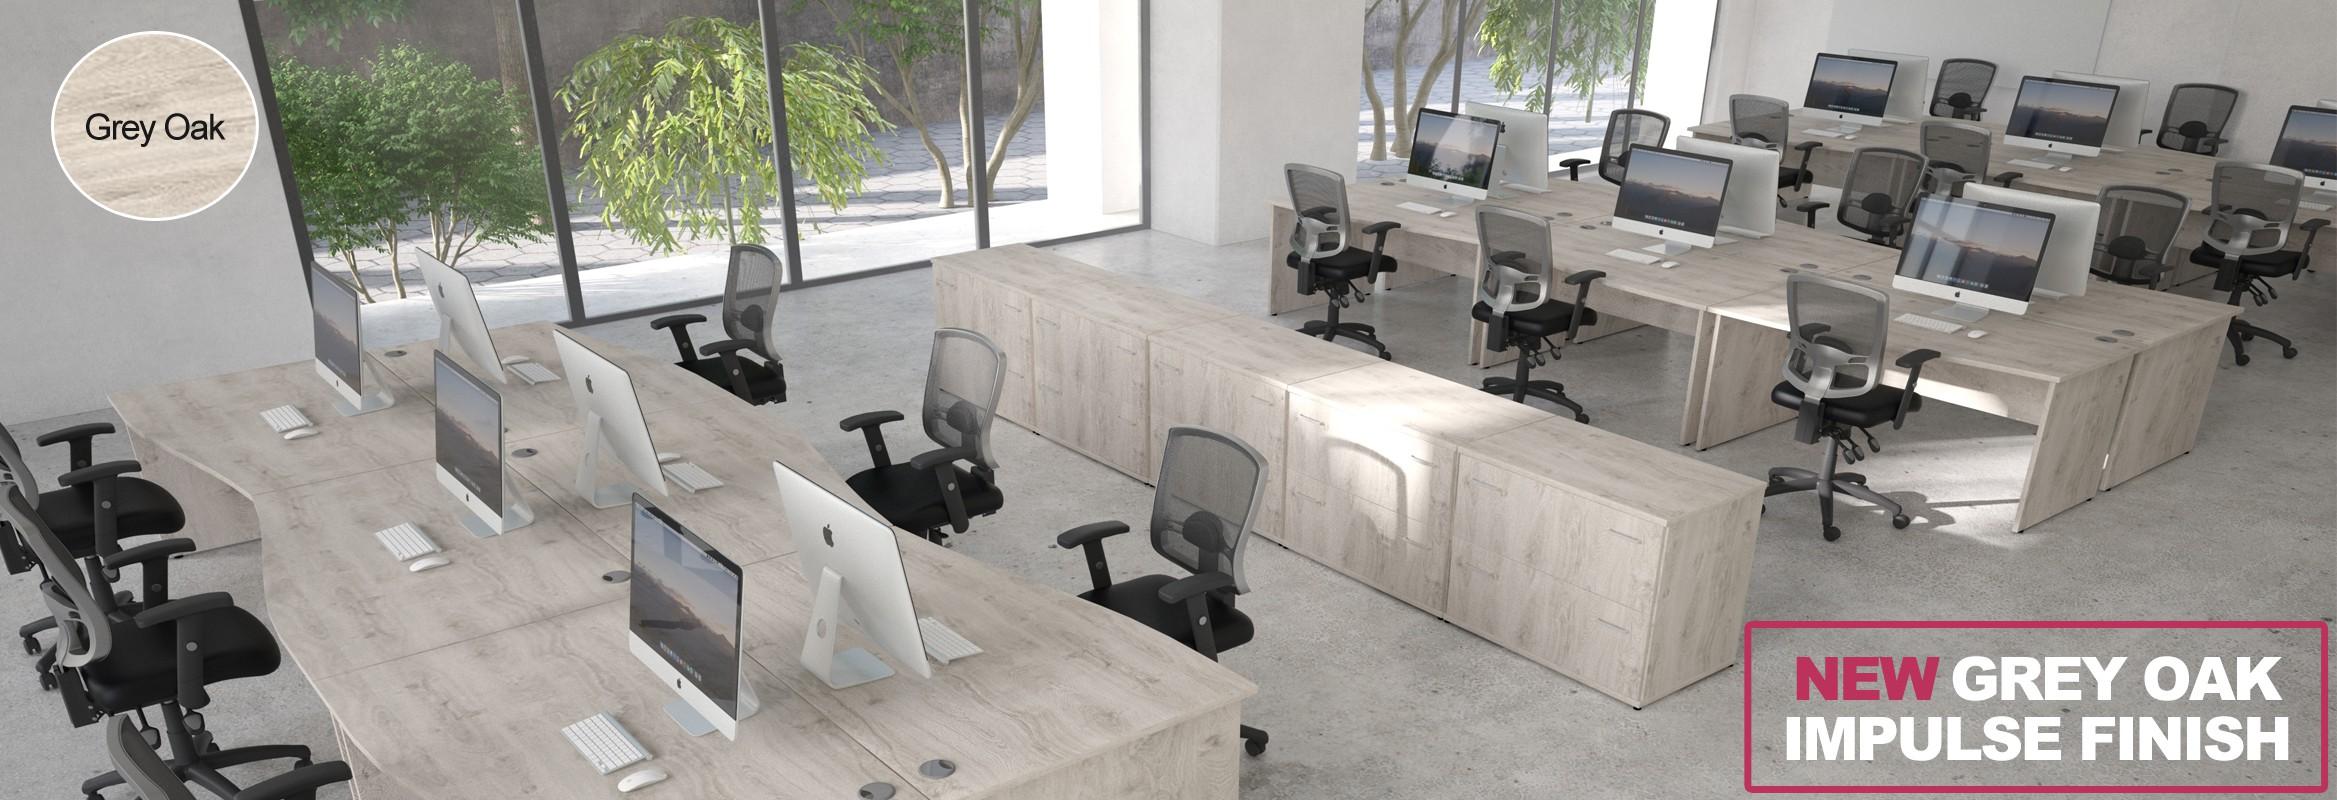 Impulse Grey Oak Furniture